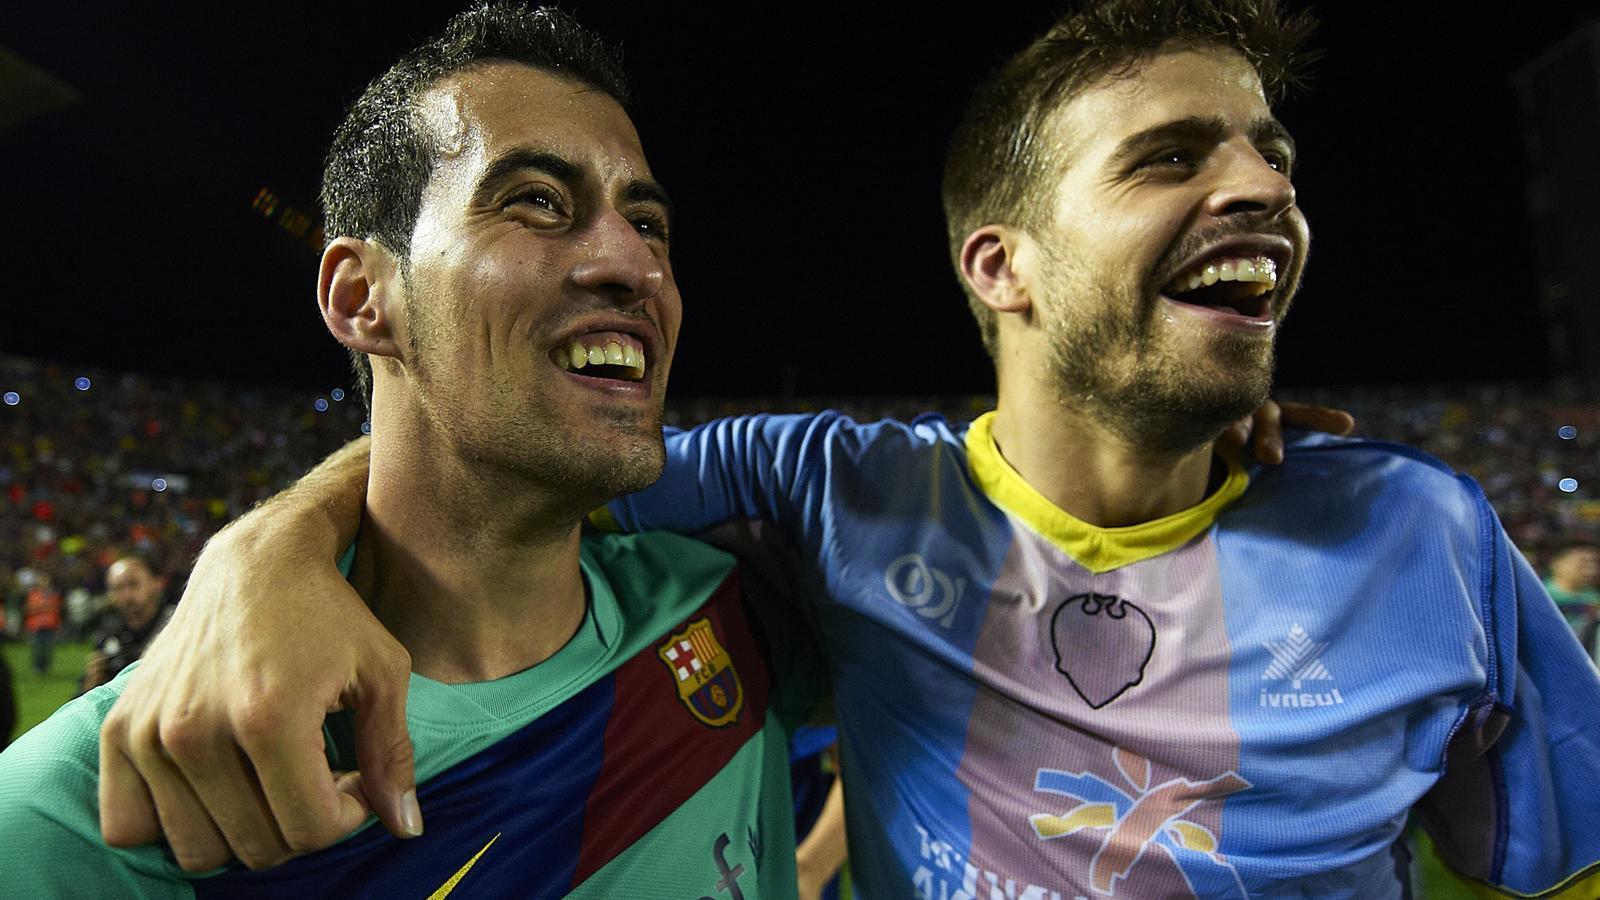 La UEFA vol sancionar Busquets amb 5 partits